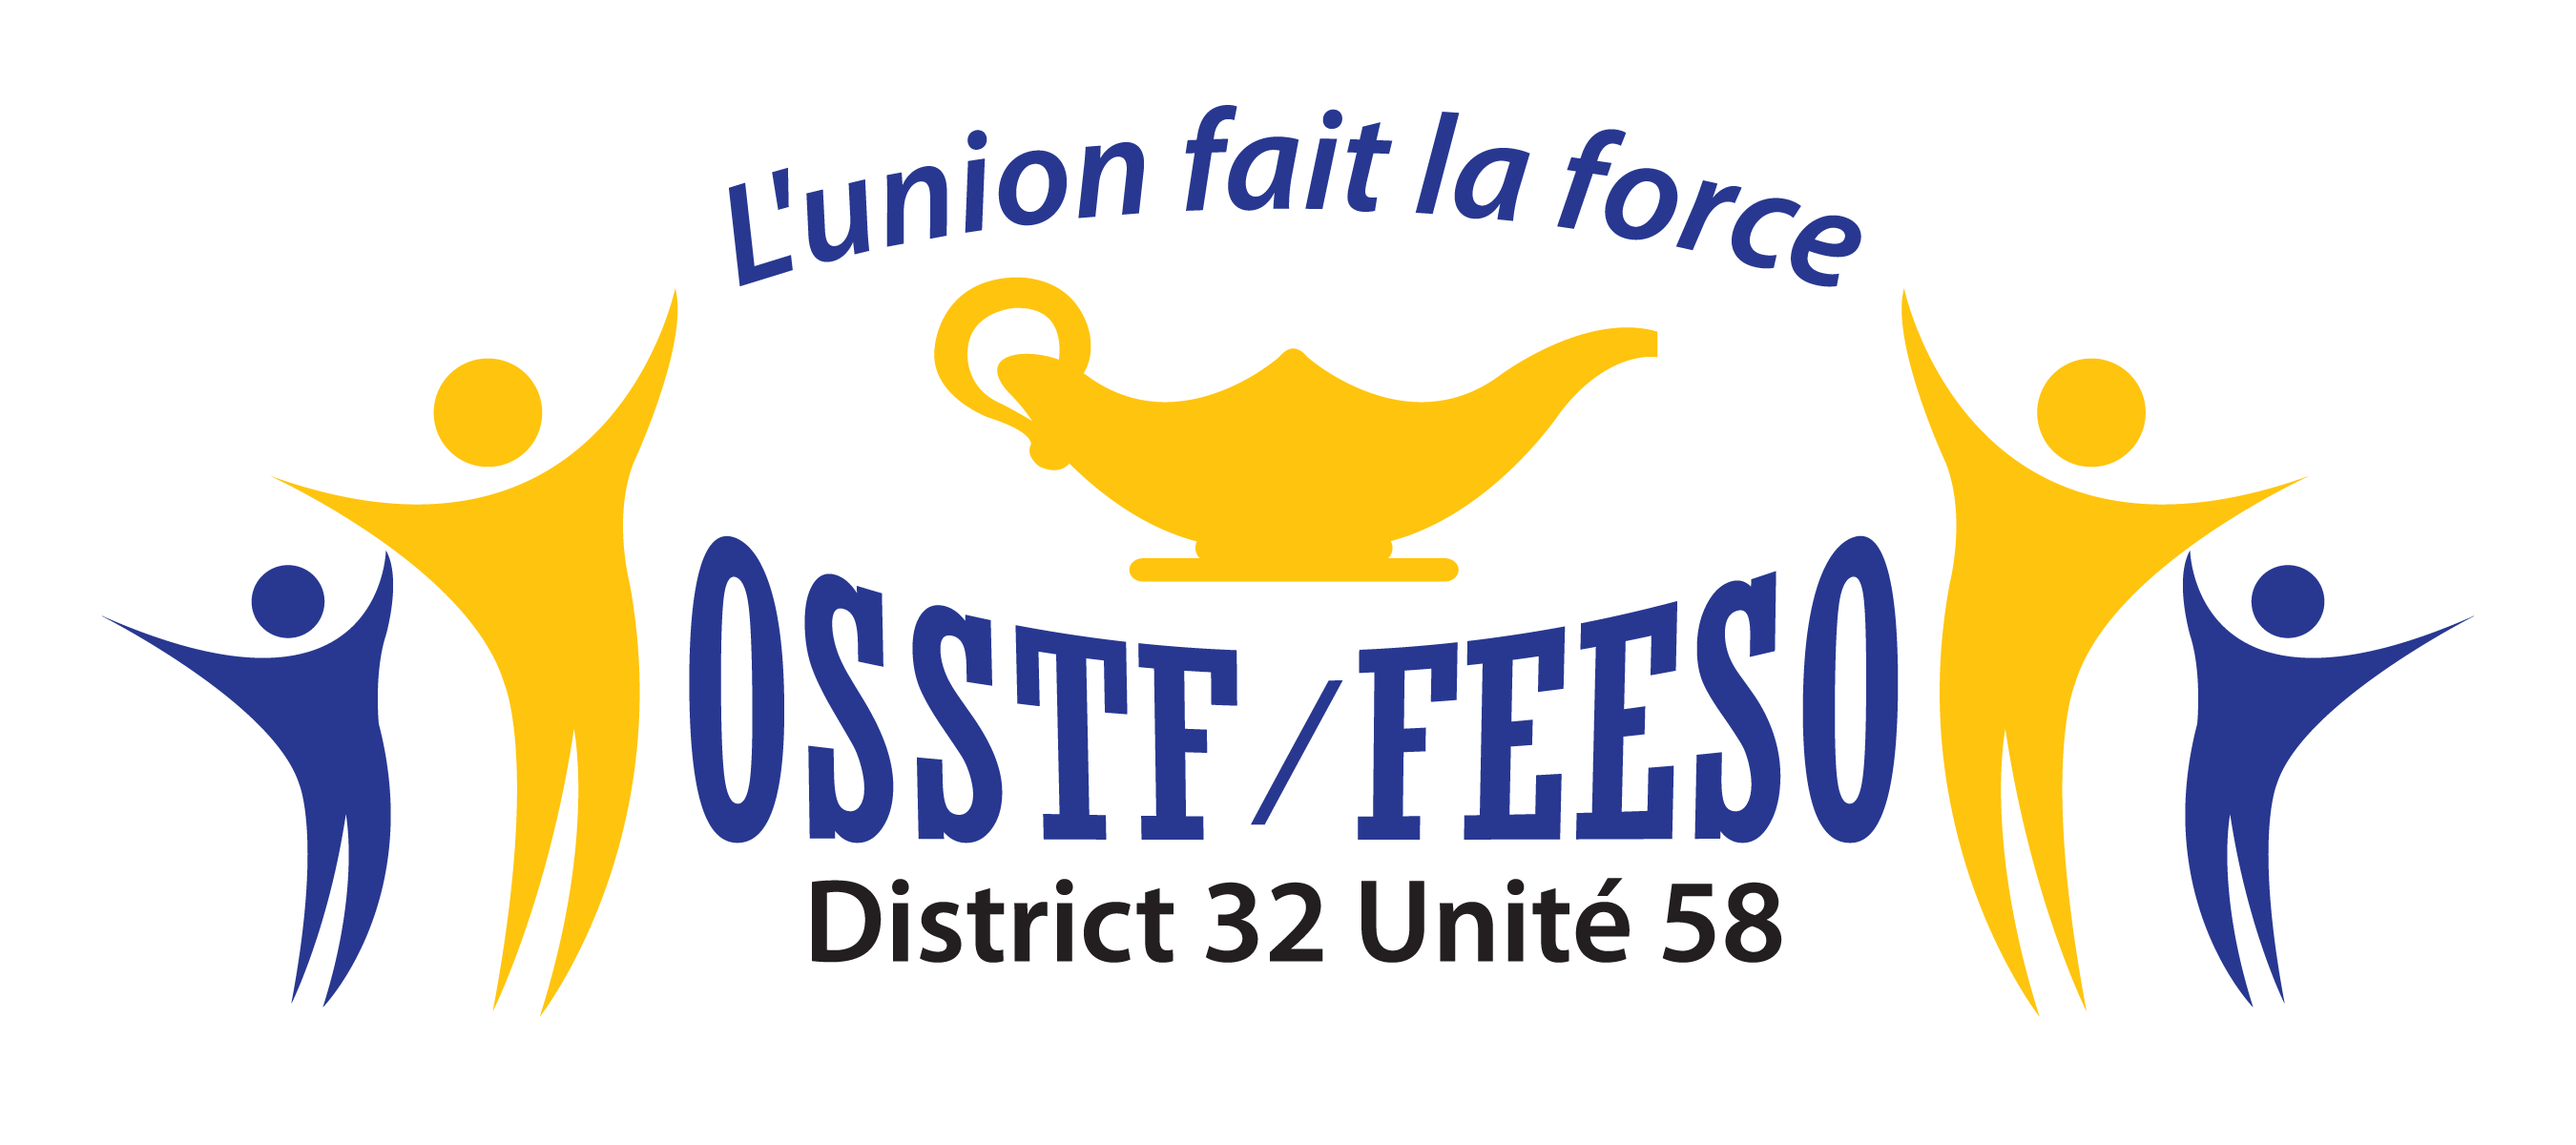 Unité 58 OSSTF/FEESO